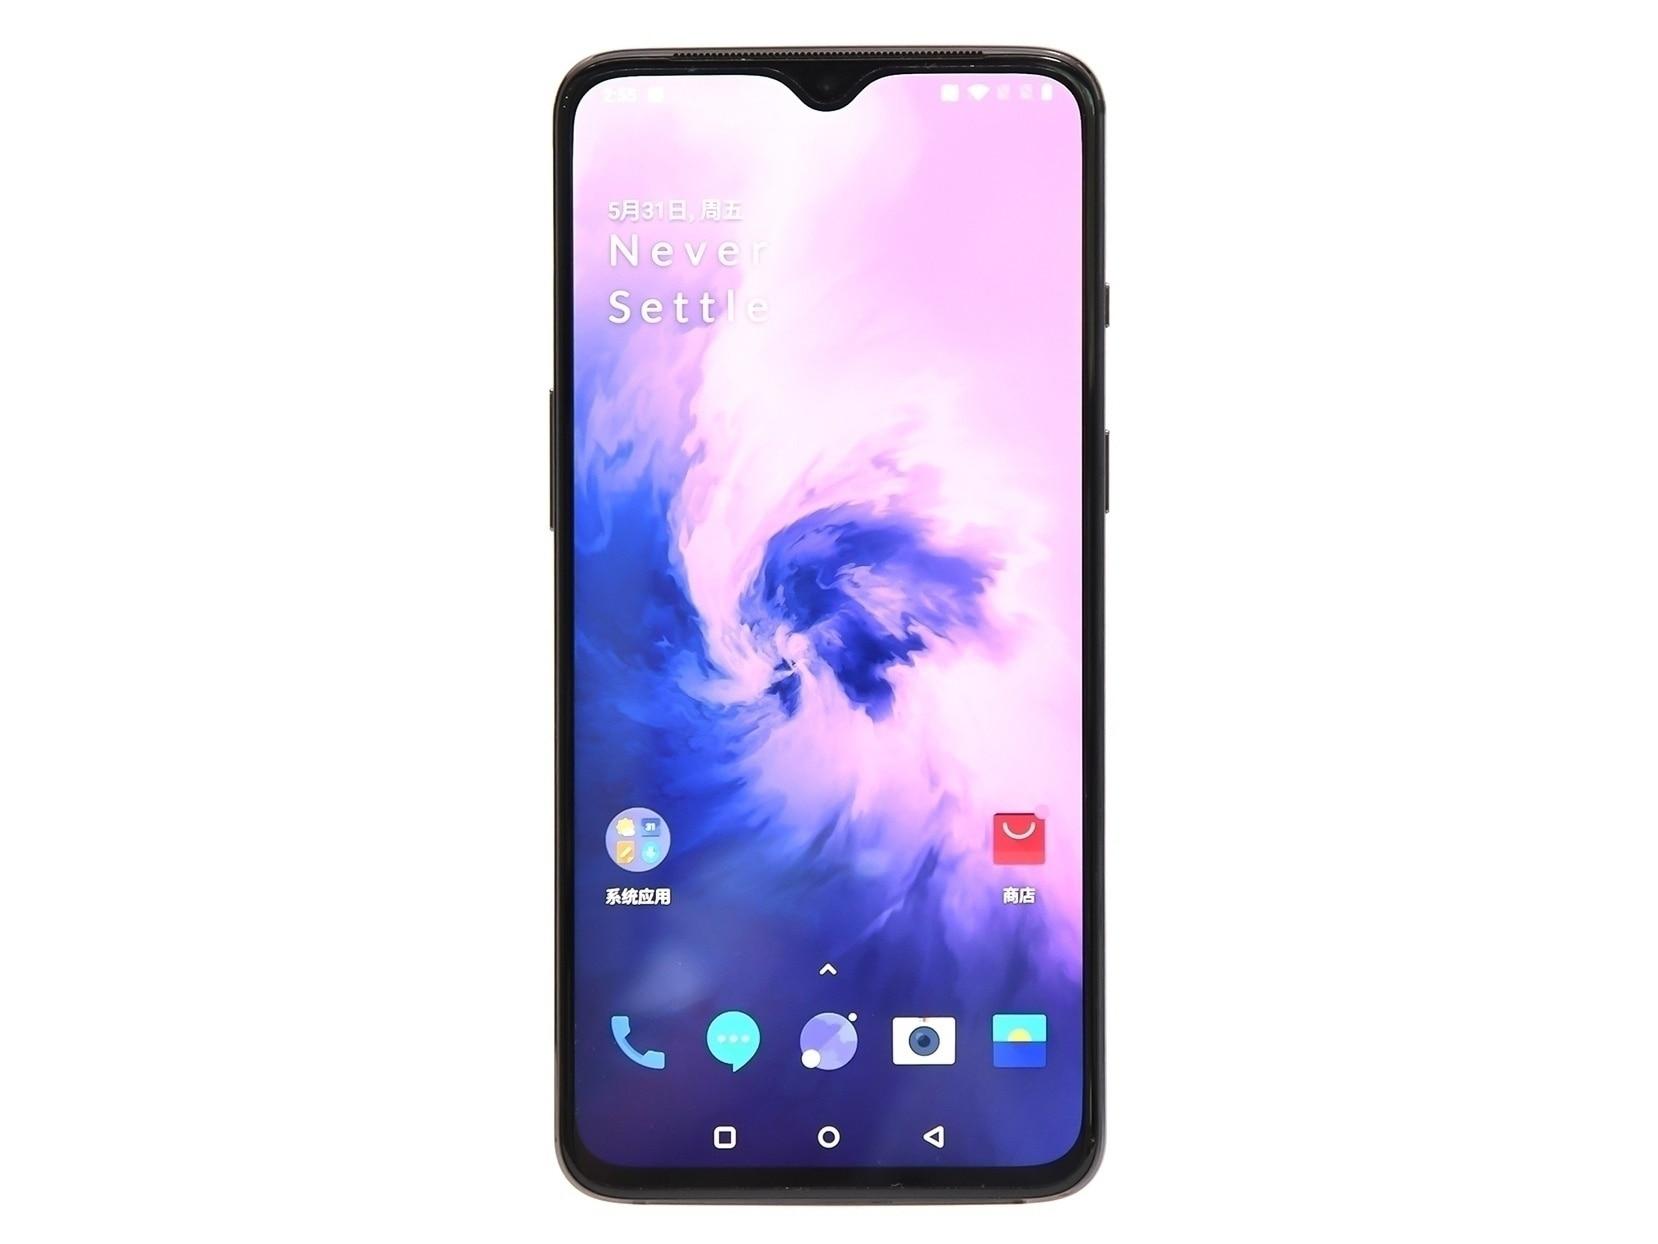 Смартфон Oneplus 7, ОЗУ 12 Гб, ПЗУ 256 ГБ, мобильный телефон, AMOLED дисплей 6,41 дюйма, В